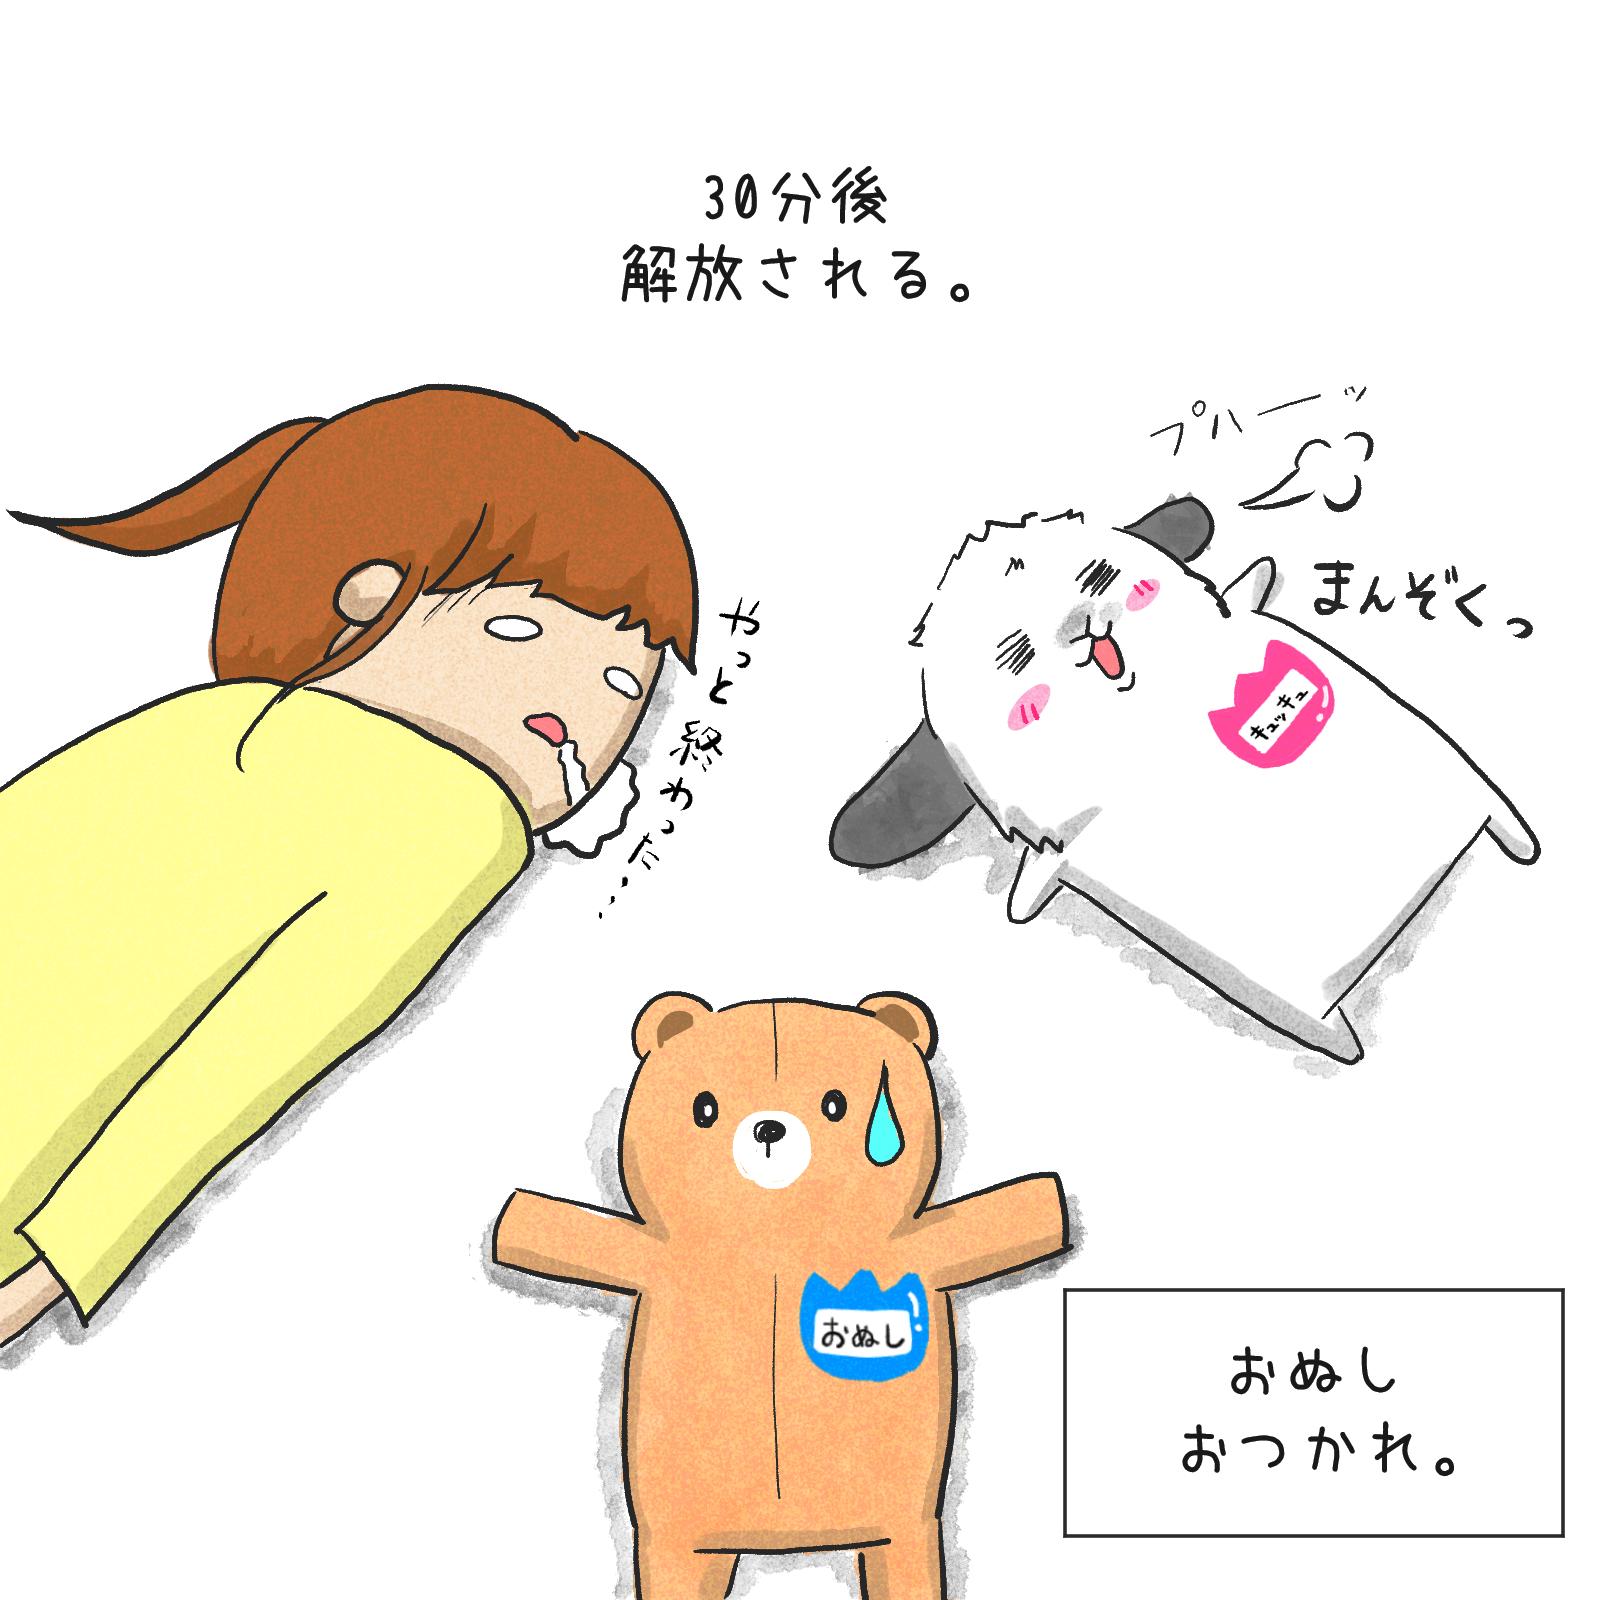 うさぎの漫画06